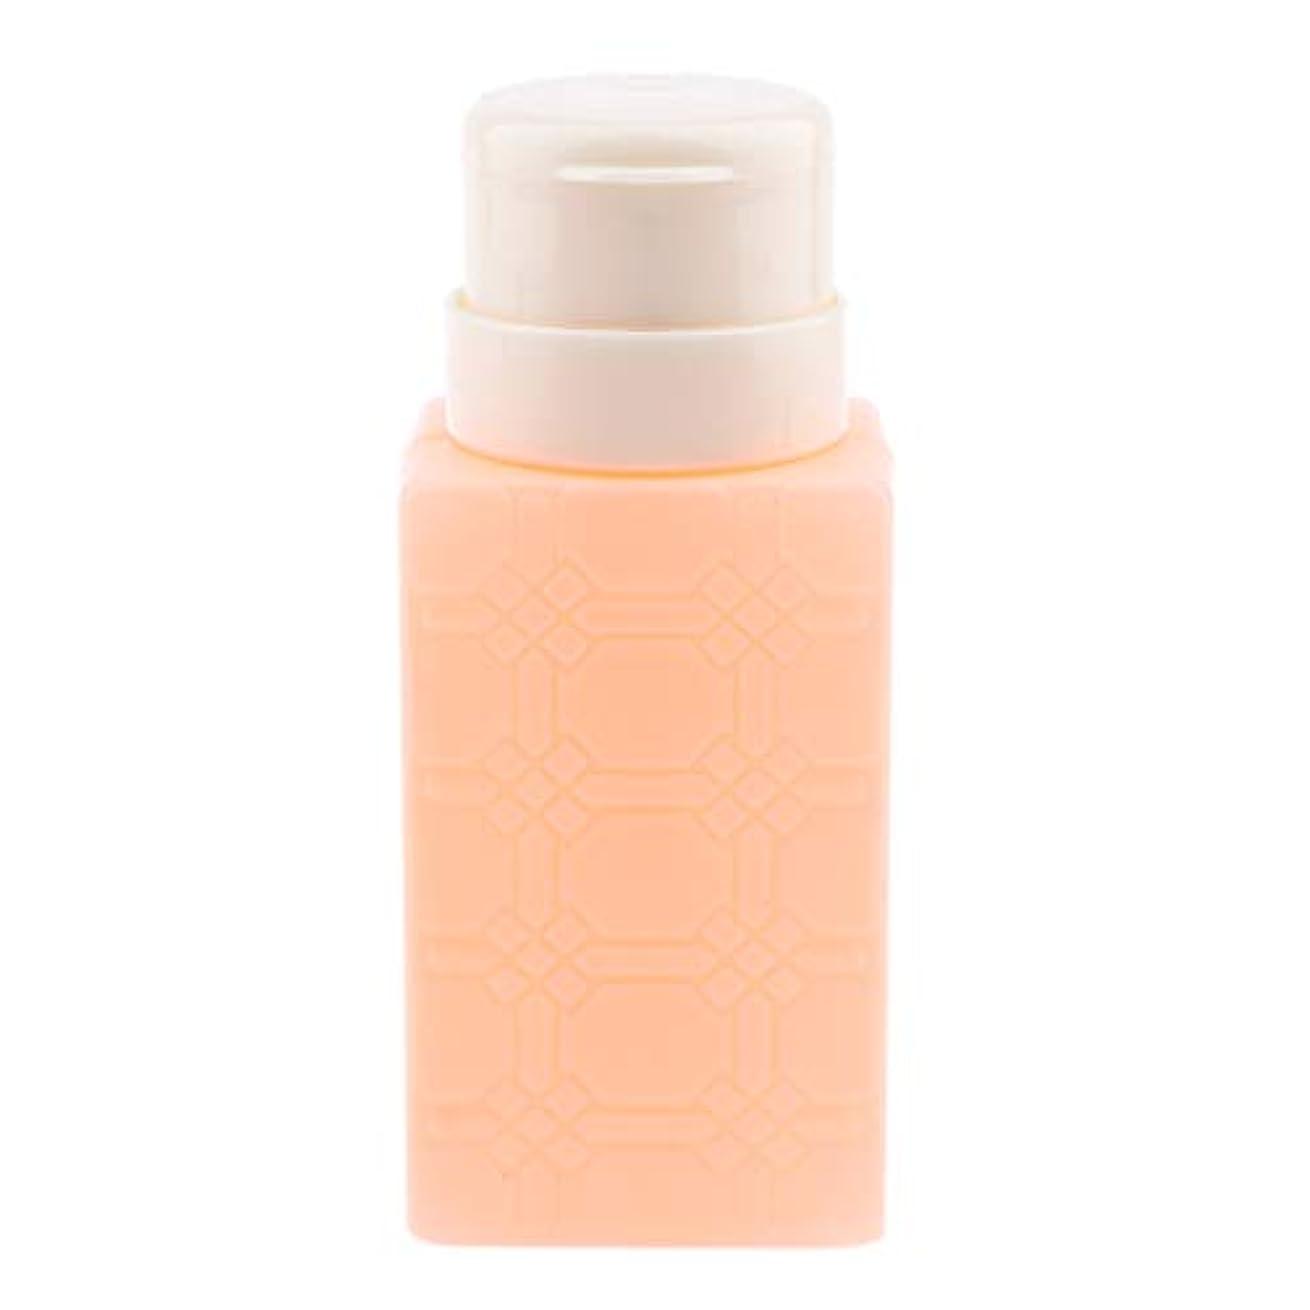 テレマコス受け皿物理P Prettyia 200ml ネイルアート ディスペンサーポンプボトル ネイルサロン 4色選べ - オレンジ